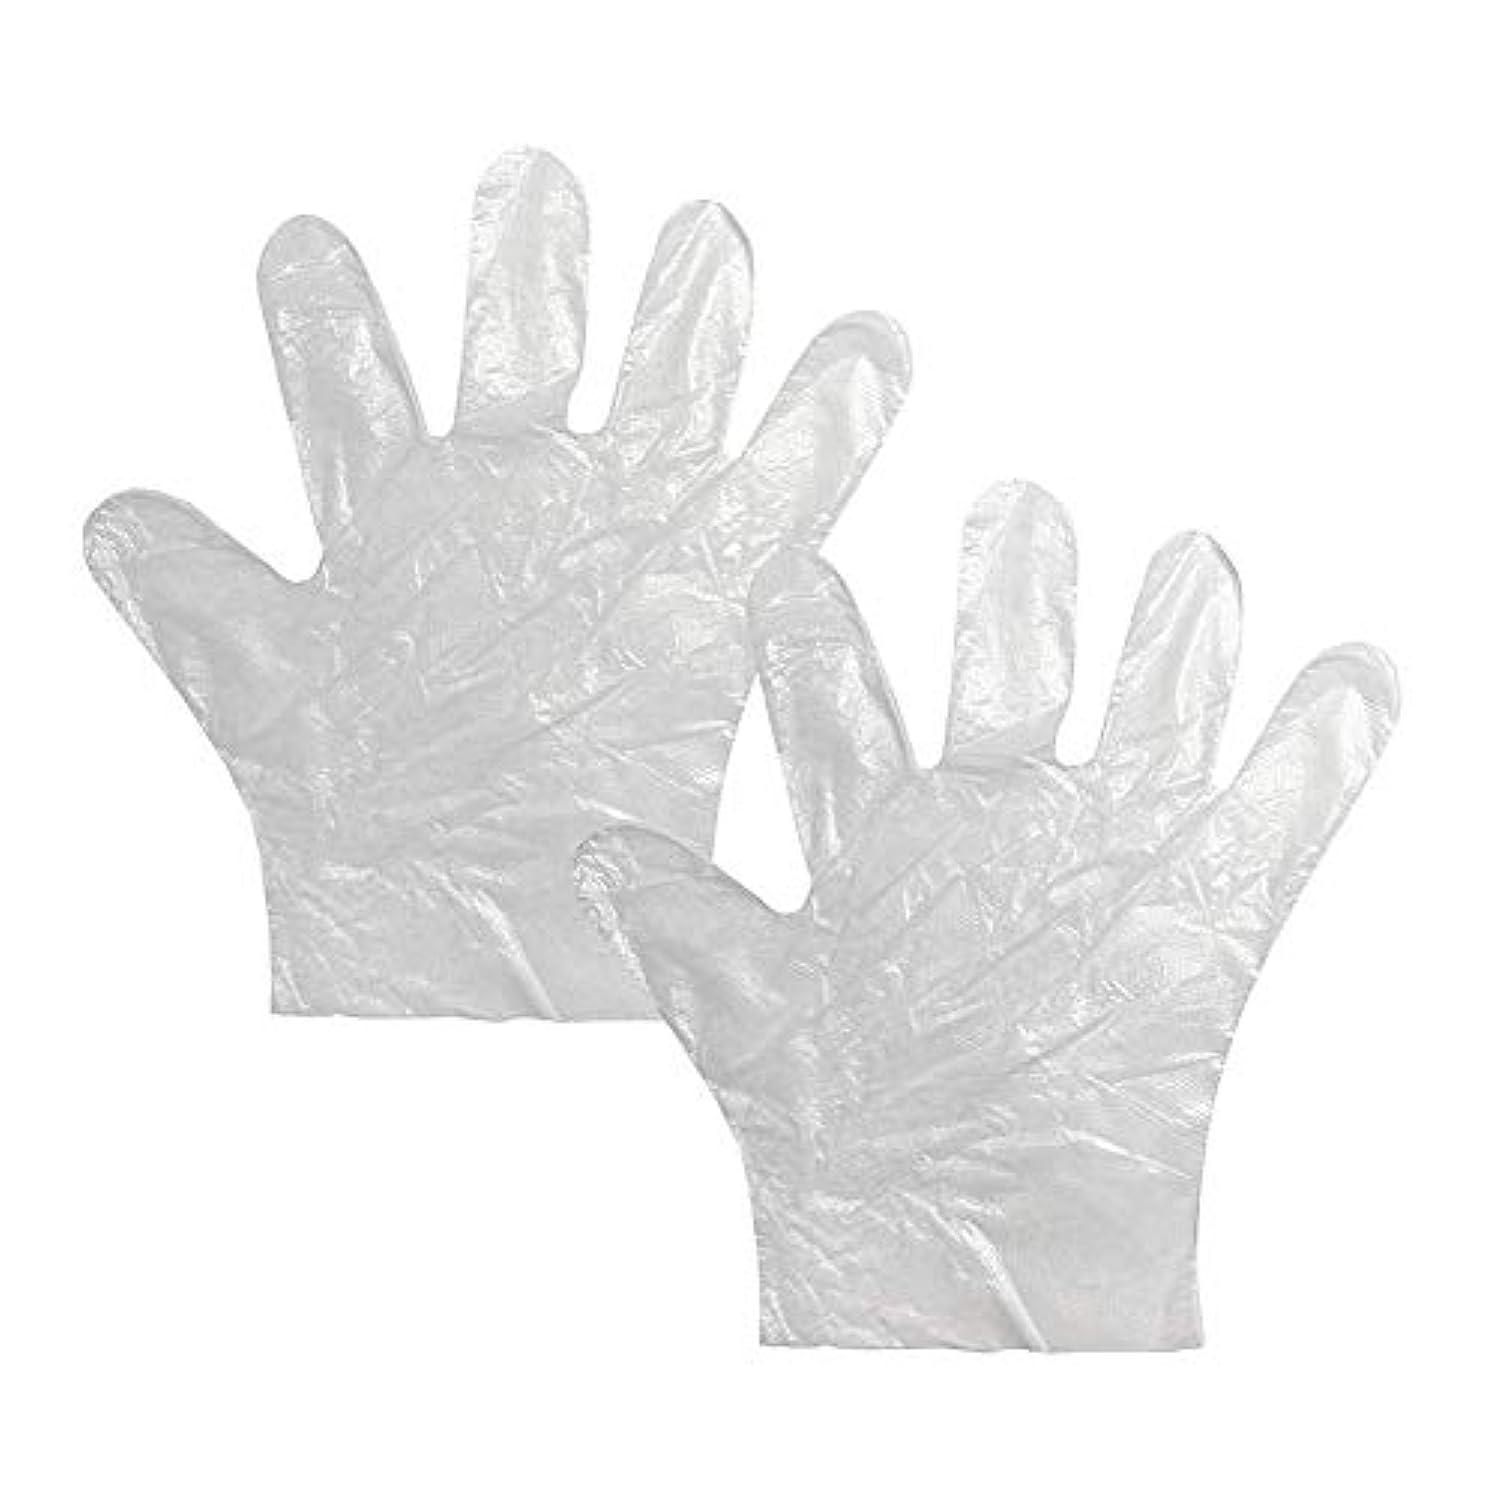 インテリア臭い愛する使い捨て手袋 極薄ビニール手袋 ポリエチレン 透明 実用 衛生 100枚*2セット